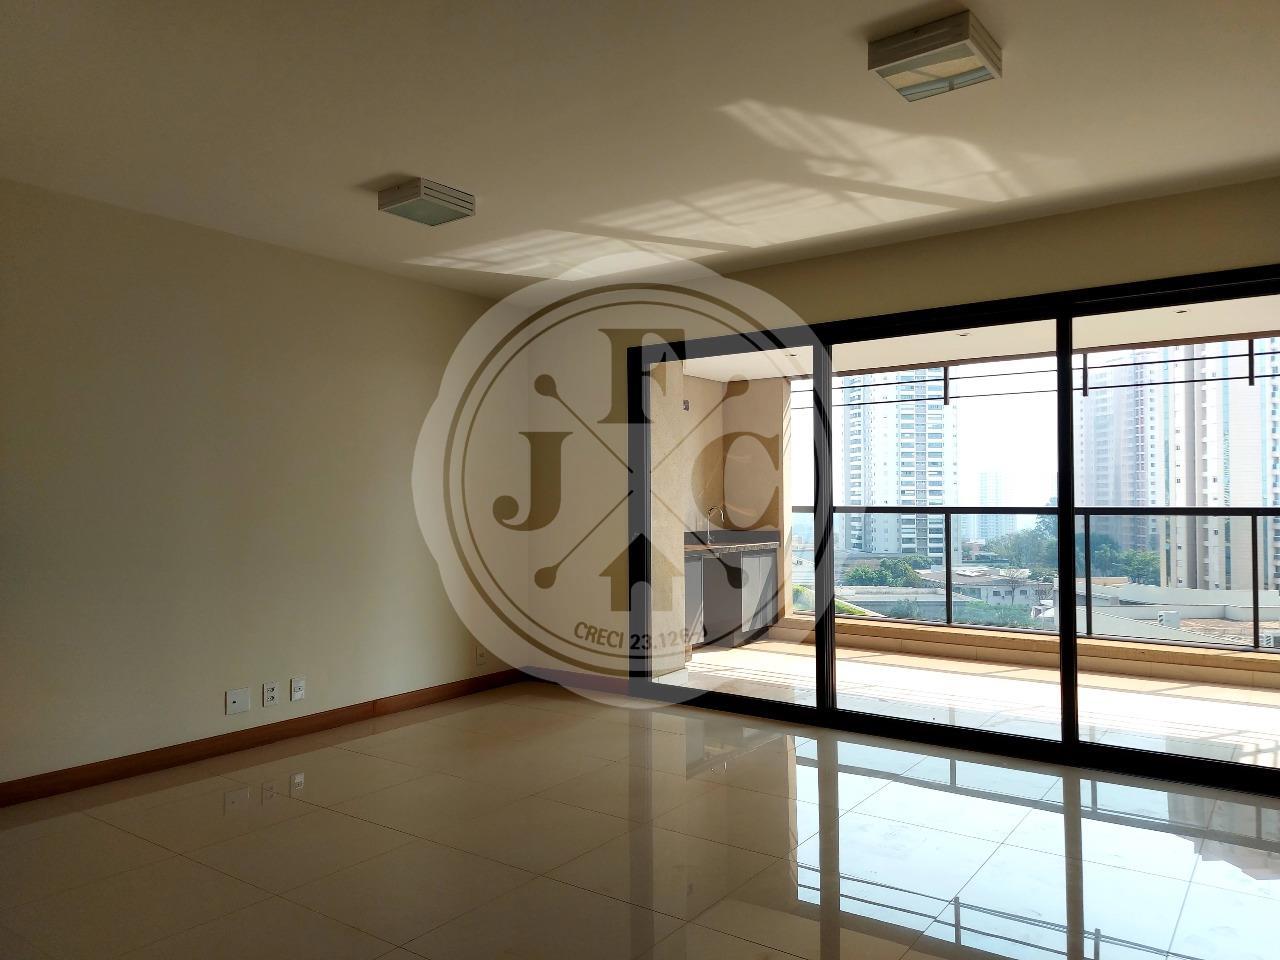 Apartamento à venda, 3 quartos, 3 suítes, 3 vagas, Bosque das Juritis - Ribeirão Preto/SP